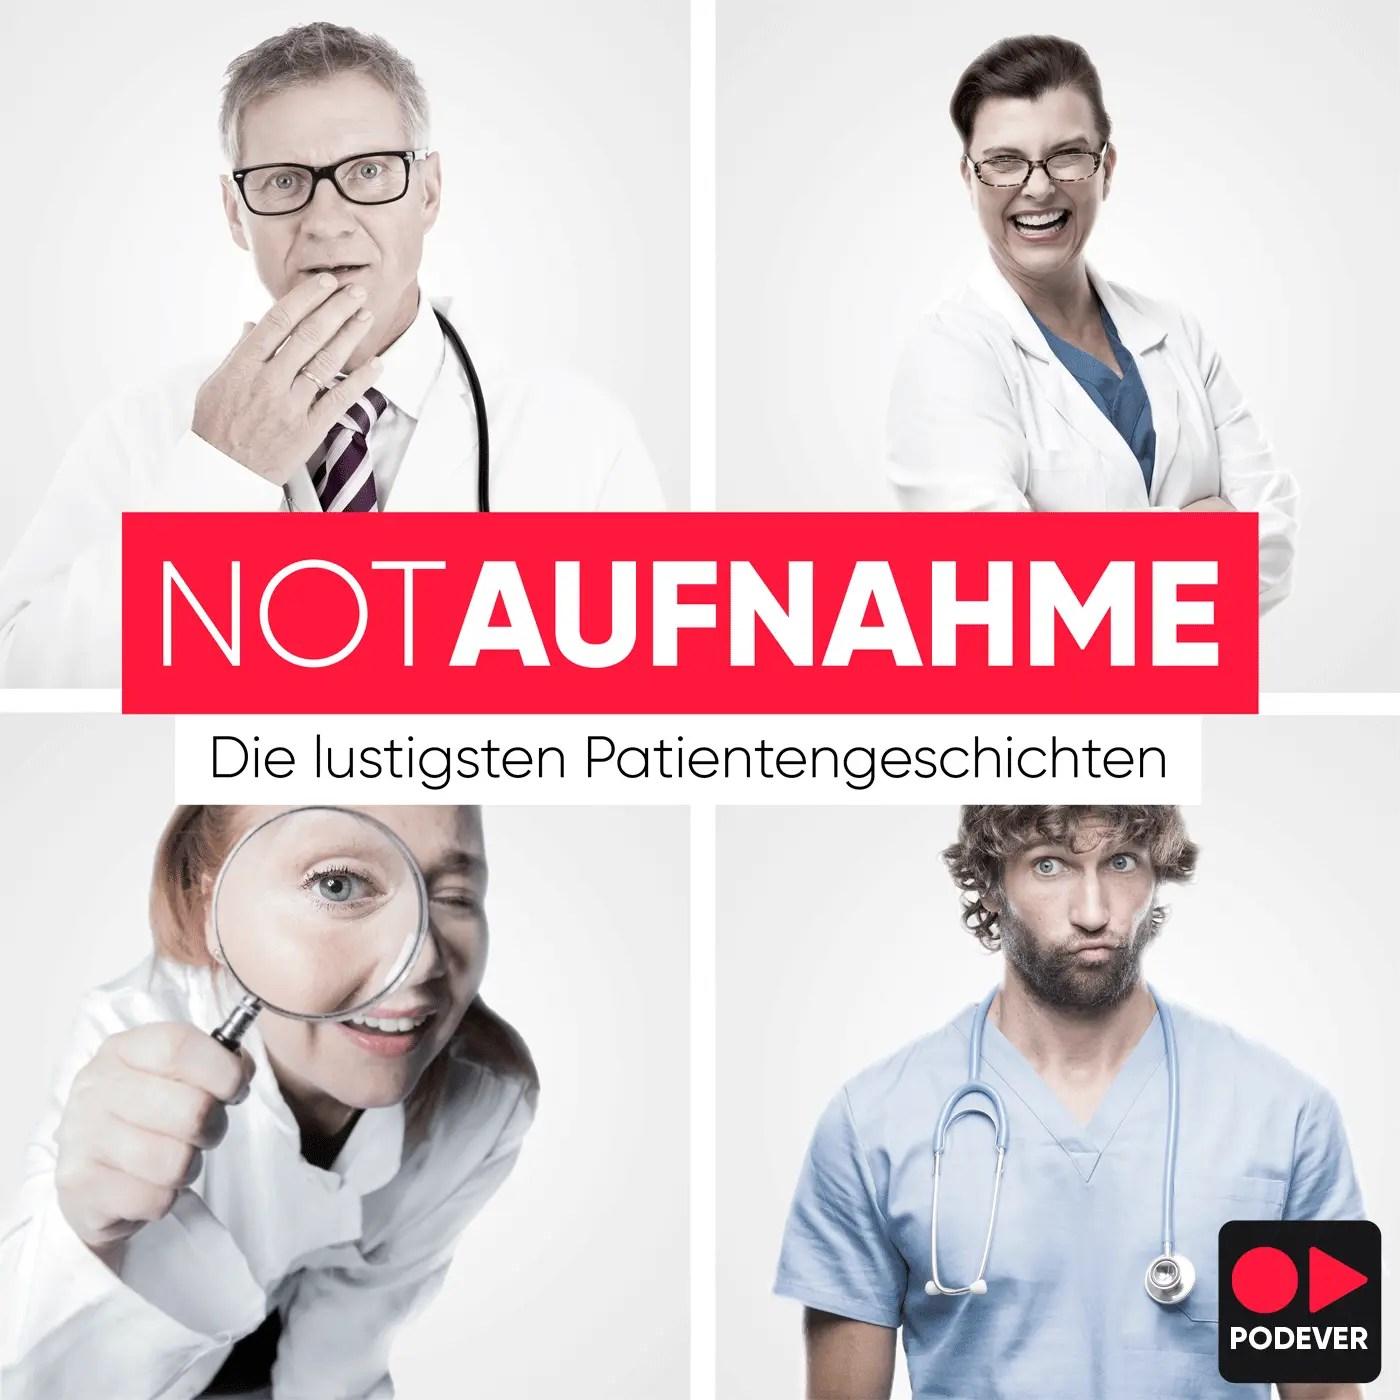 NotAufnahme - Die lustigsten Patientengeschichten